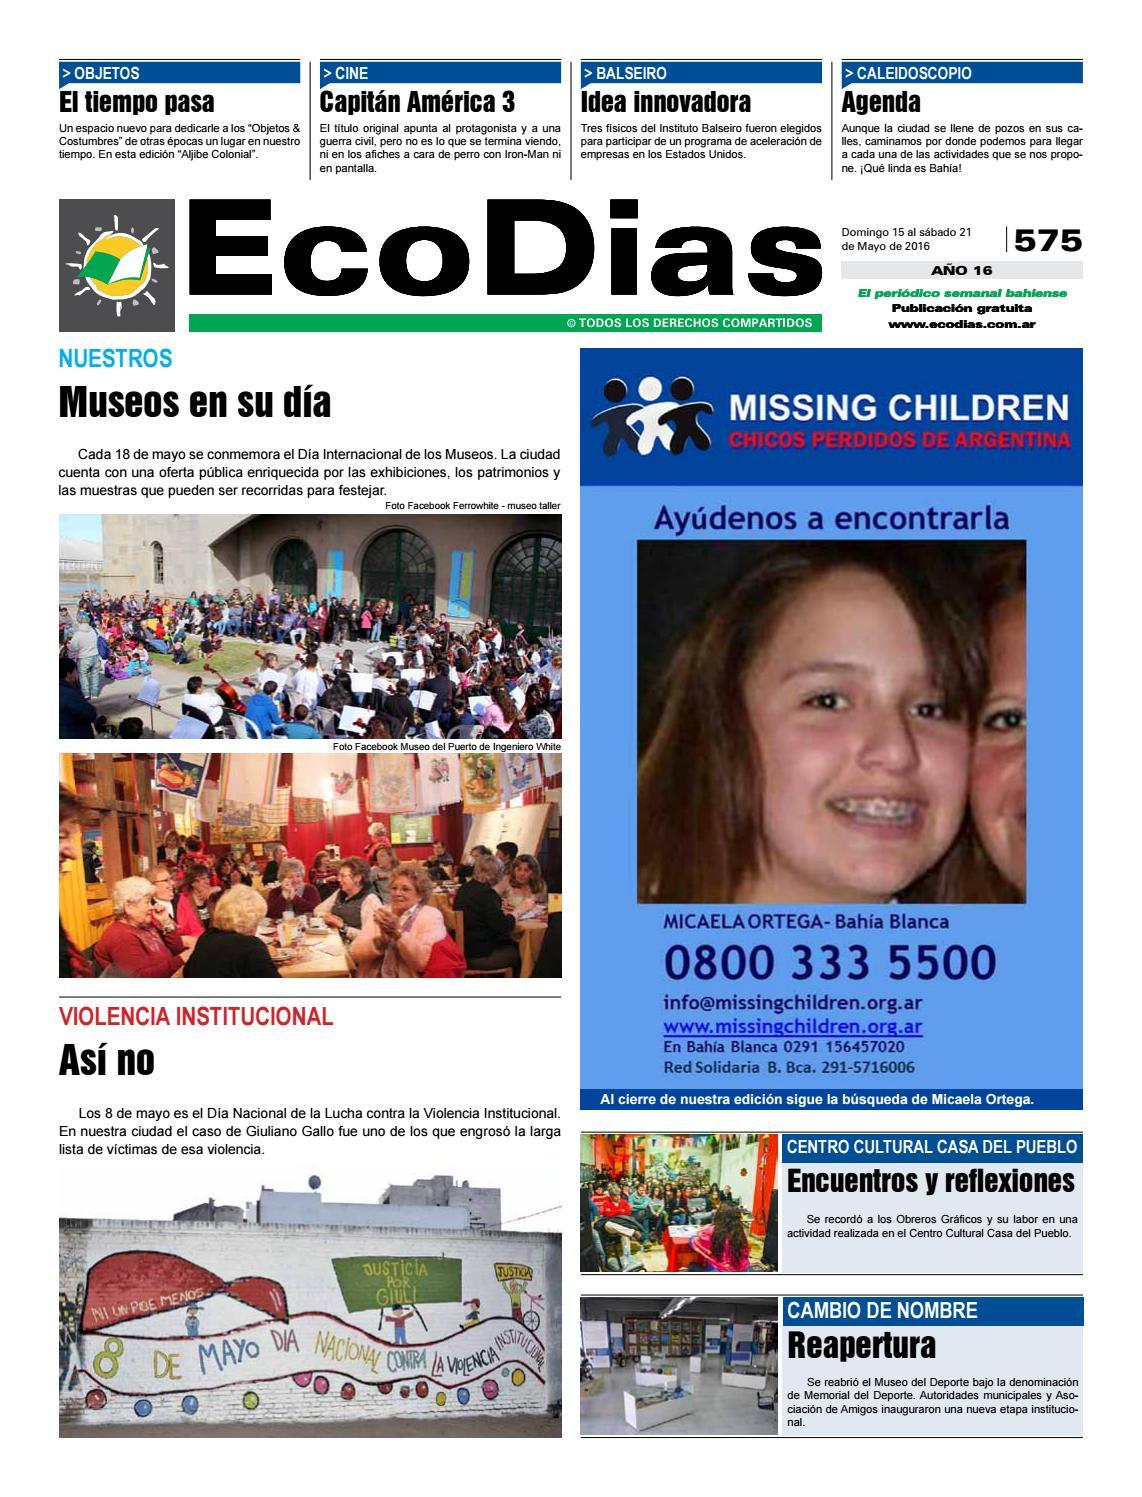 Ecodias 575 by Cooperativa de Trabajo Ecomedios Ltda. - issuu